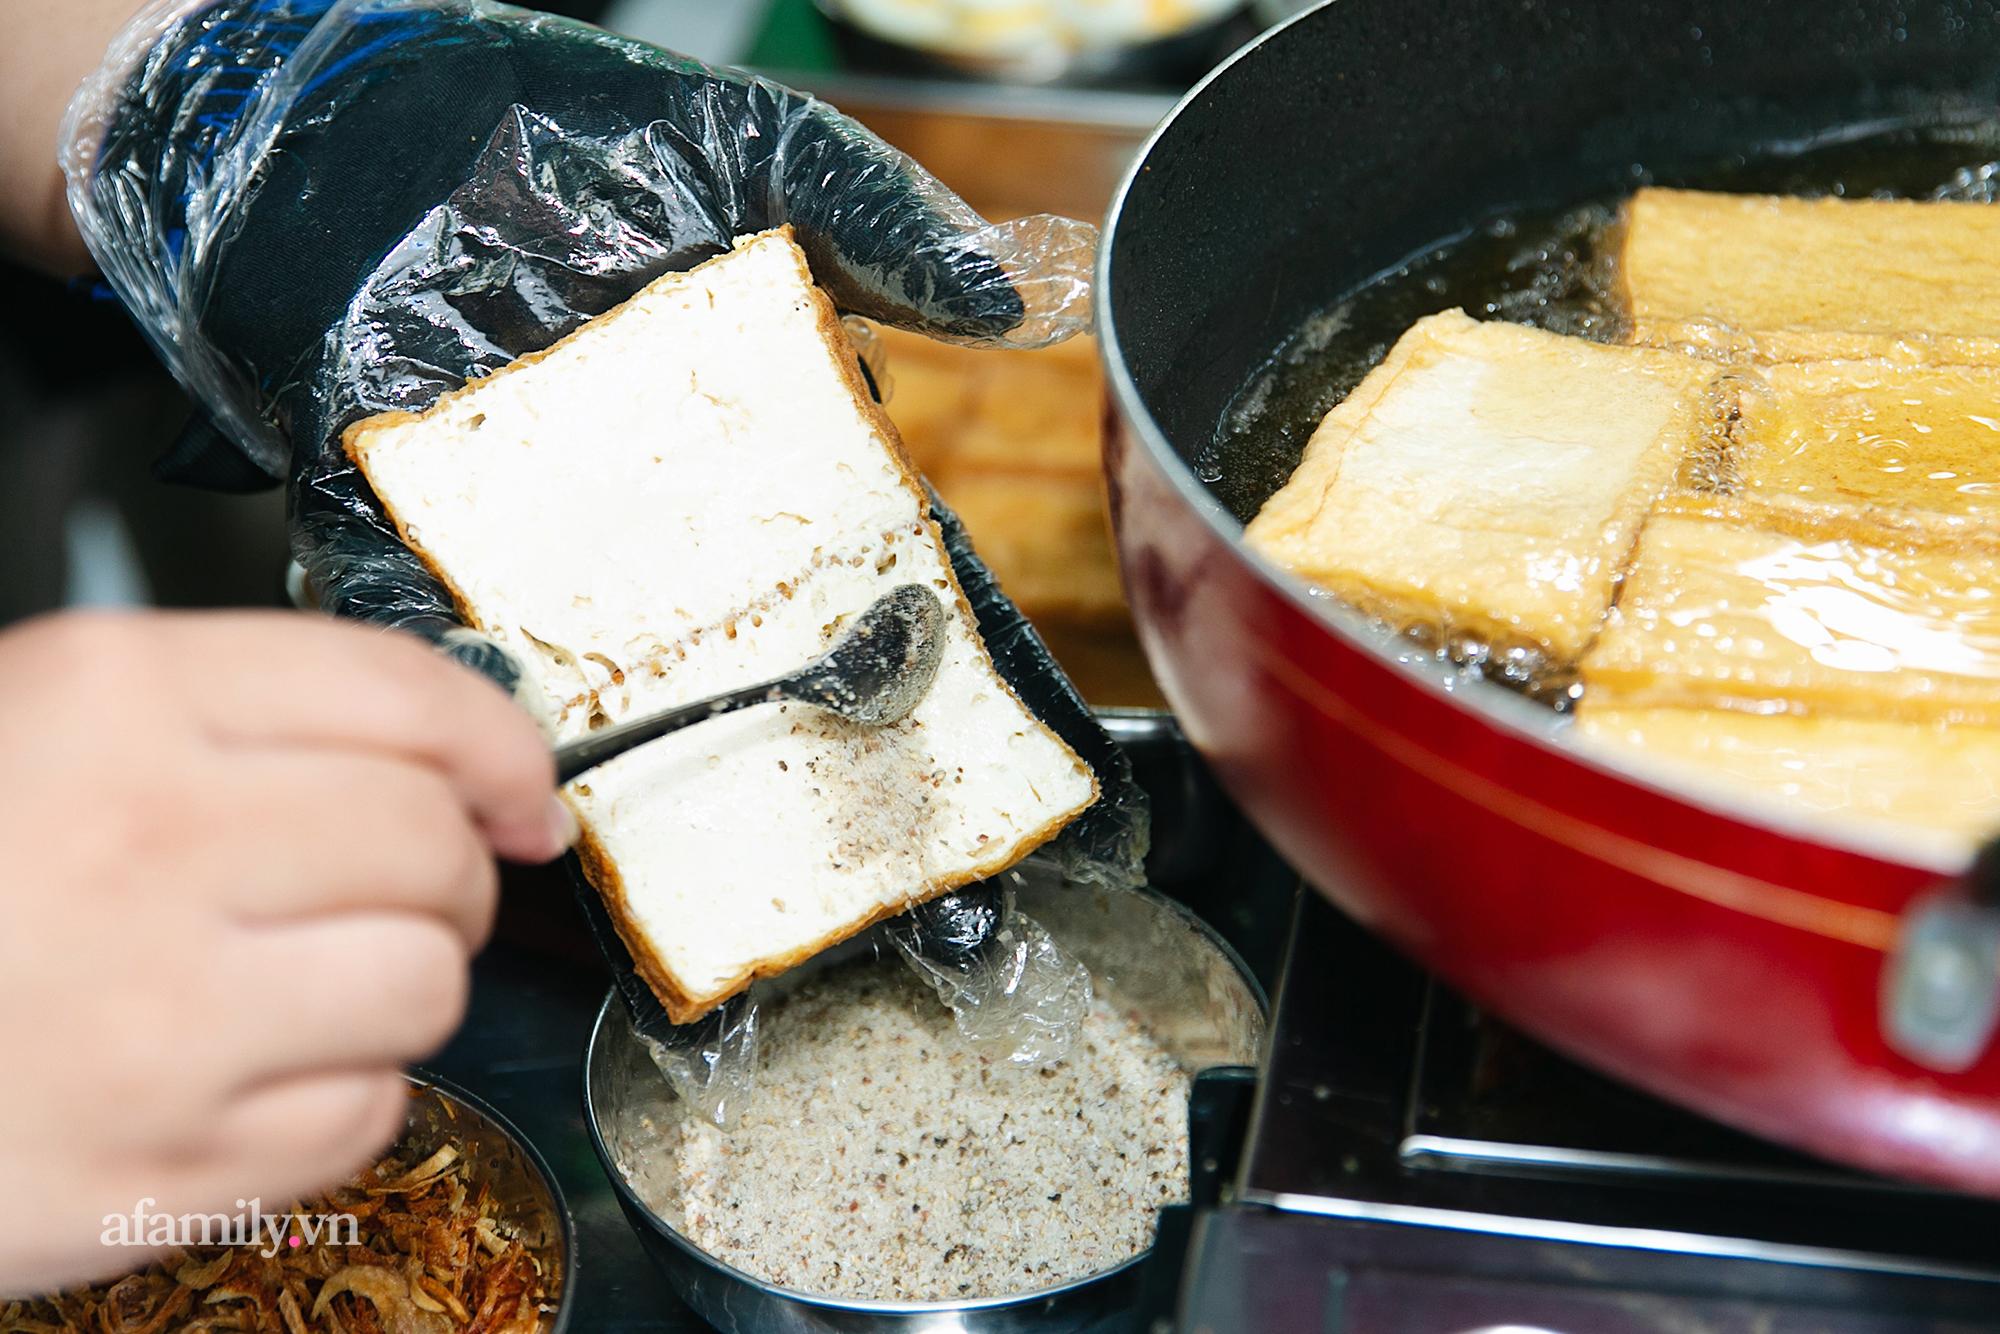 """Đậu hủ kẹp rau răm - món ăn siêu lạ khiến người đàn ông từ vô danh ở Châu Đốc bỗng trở nên nổi tiếng, nay được cả Sài Gòn săn lùng ăn thử để biết vì sao có thể """"mua 1 lời 5""""!? - Ảnh 6."""